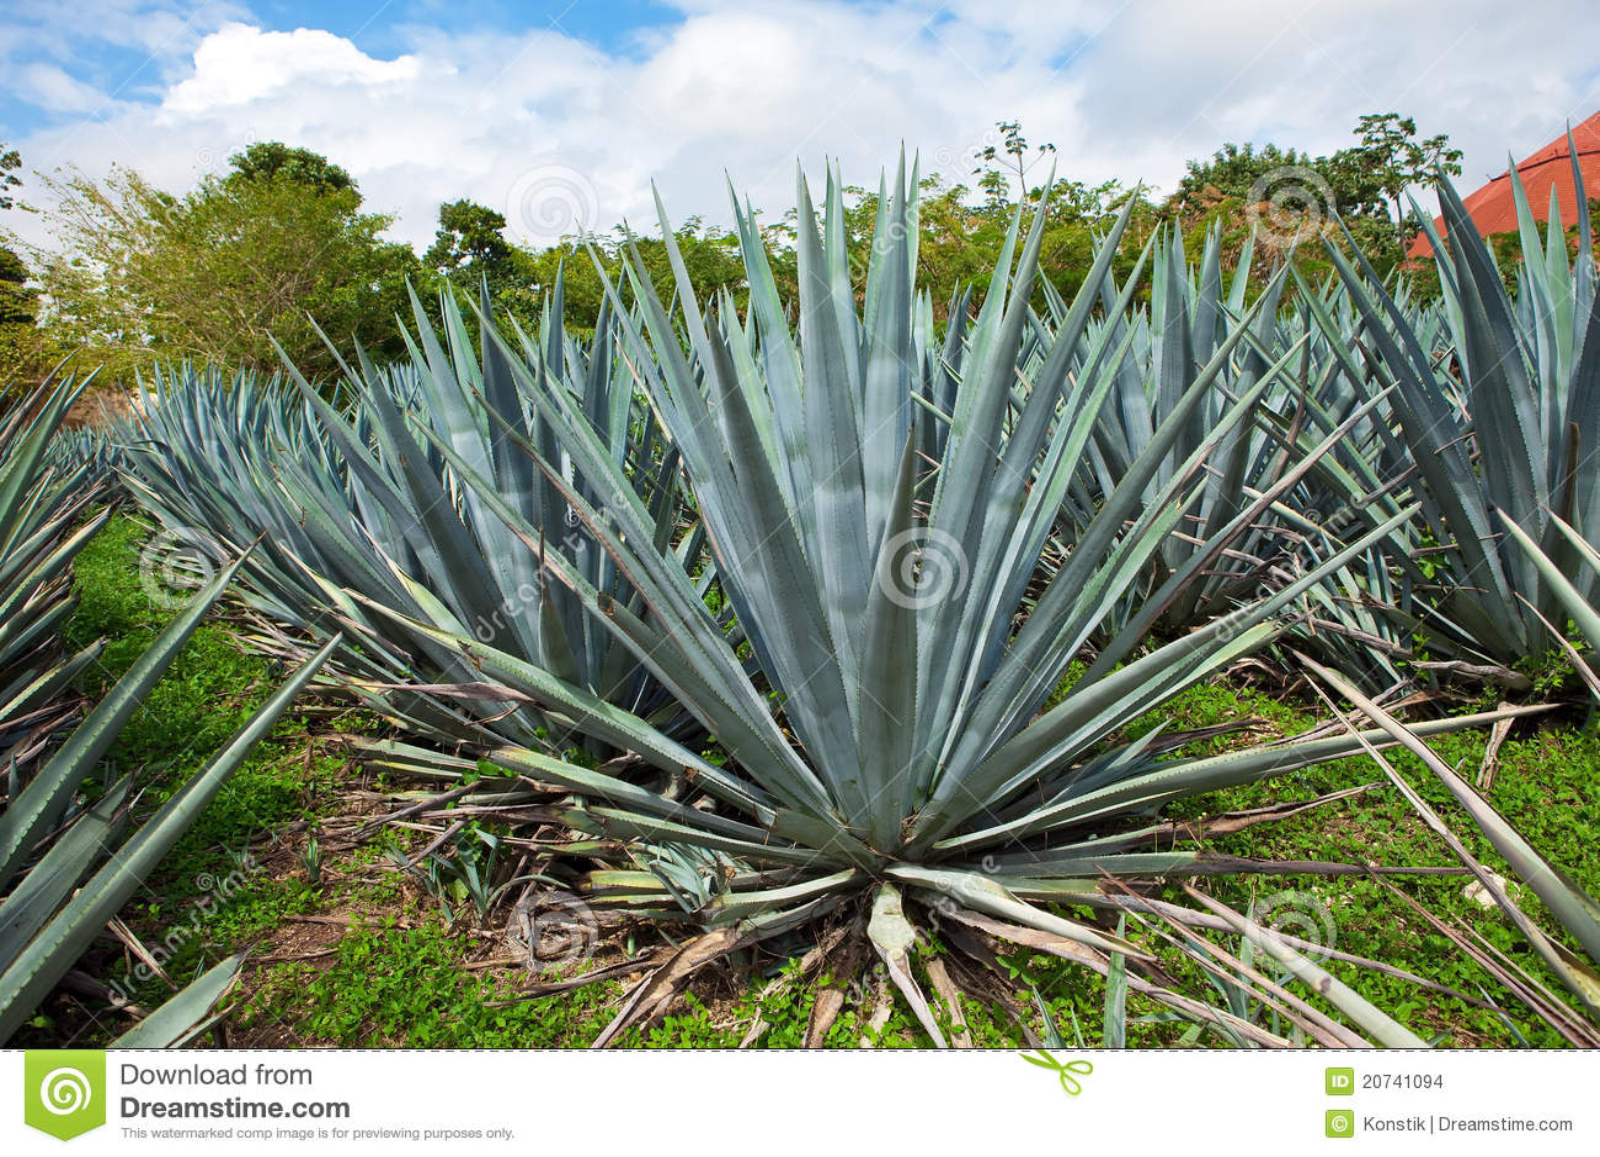 Agave le mexique photo stock image du botanique am ricain 20741094 - Agave du mexique ...